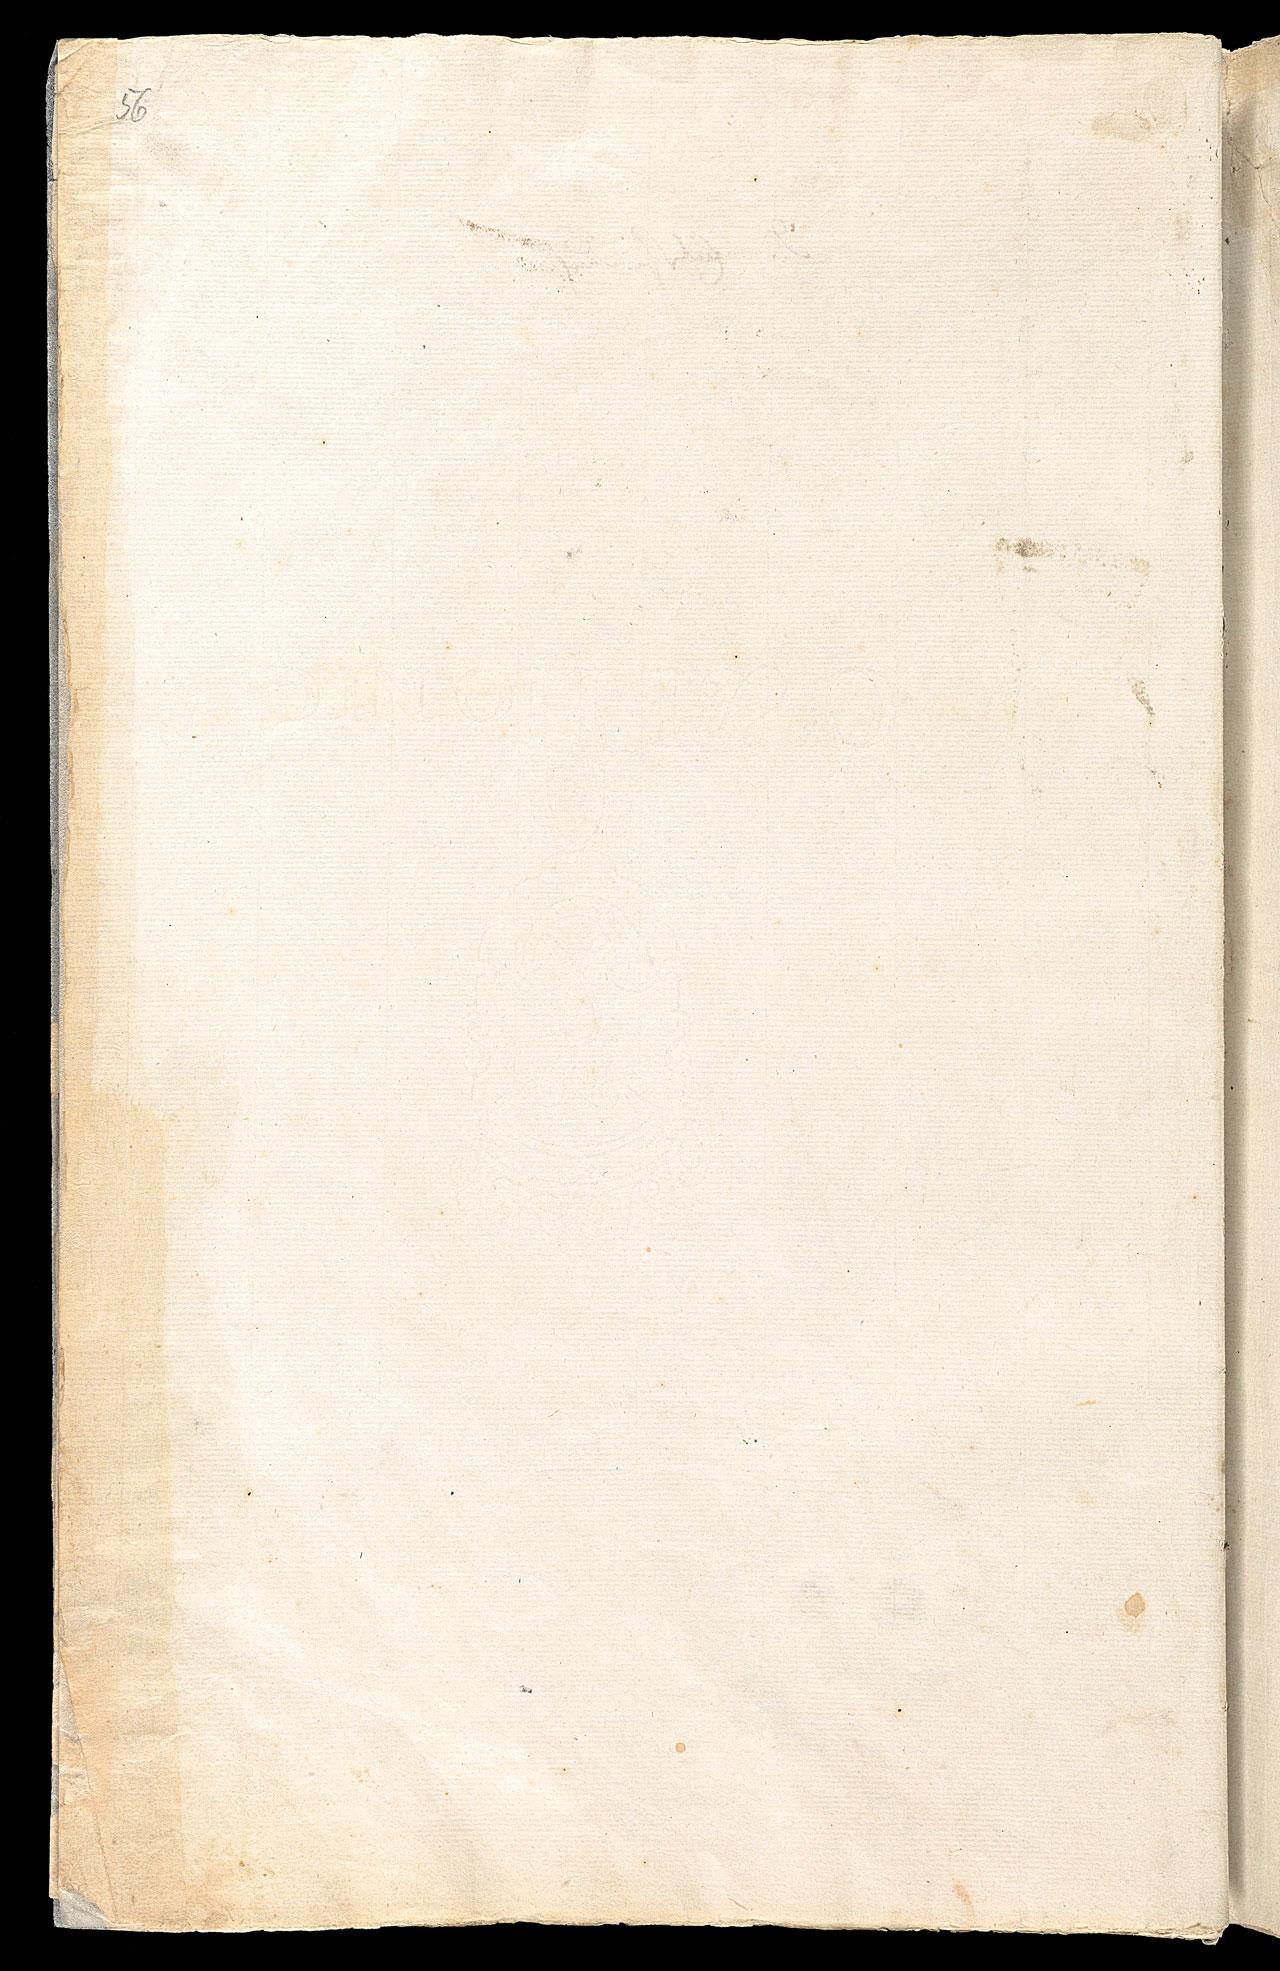 Friedrich Hölderlin, Homburger Folioheft, Seite 56, Handschrift